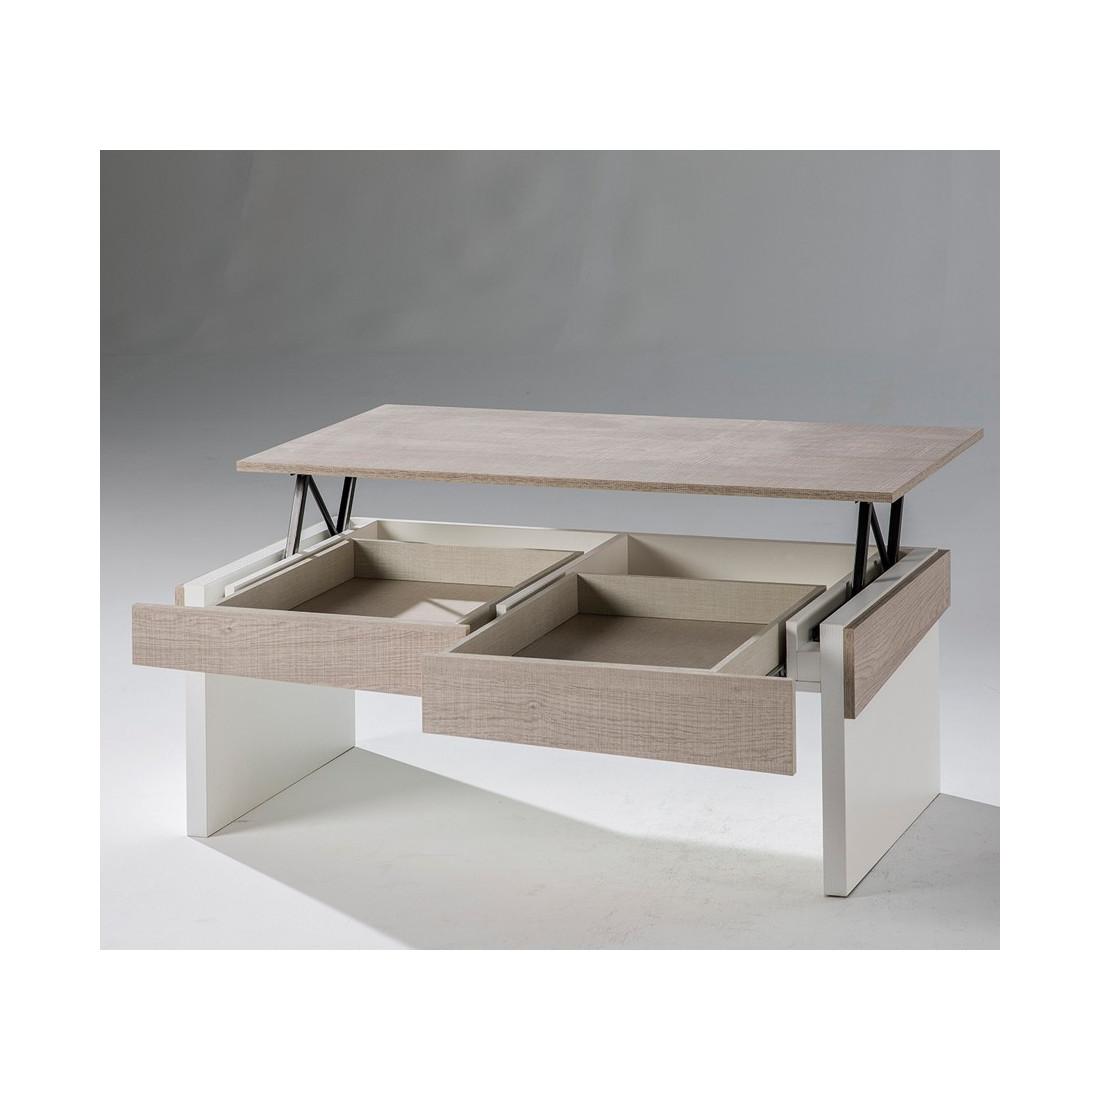 Table Basse Chene Clair : table basse relevable moderne ch ne clair berliose univers du salon ~ Teatrodelosmanantiales.com Idées de Décoration